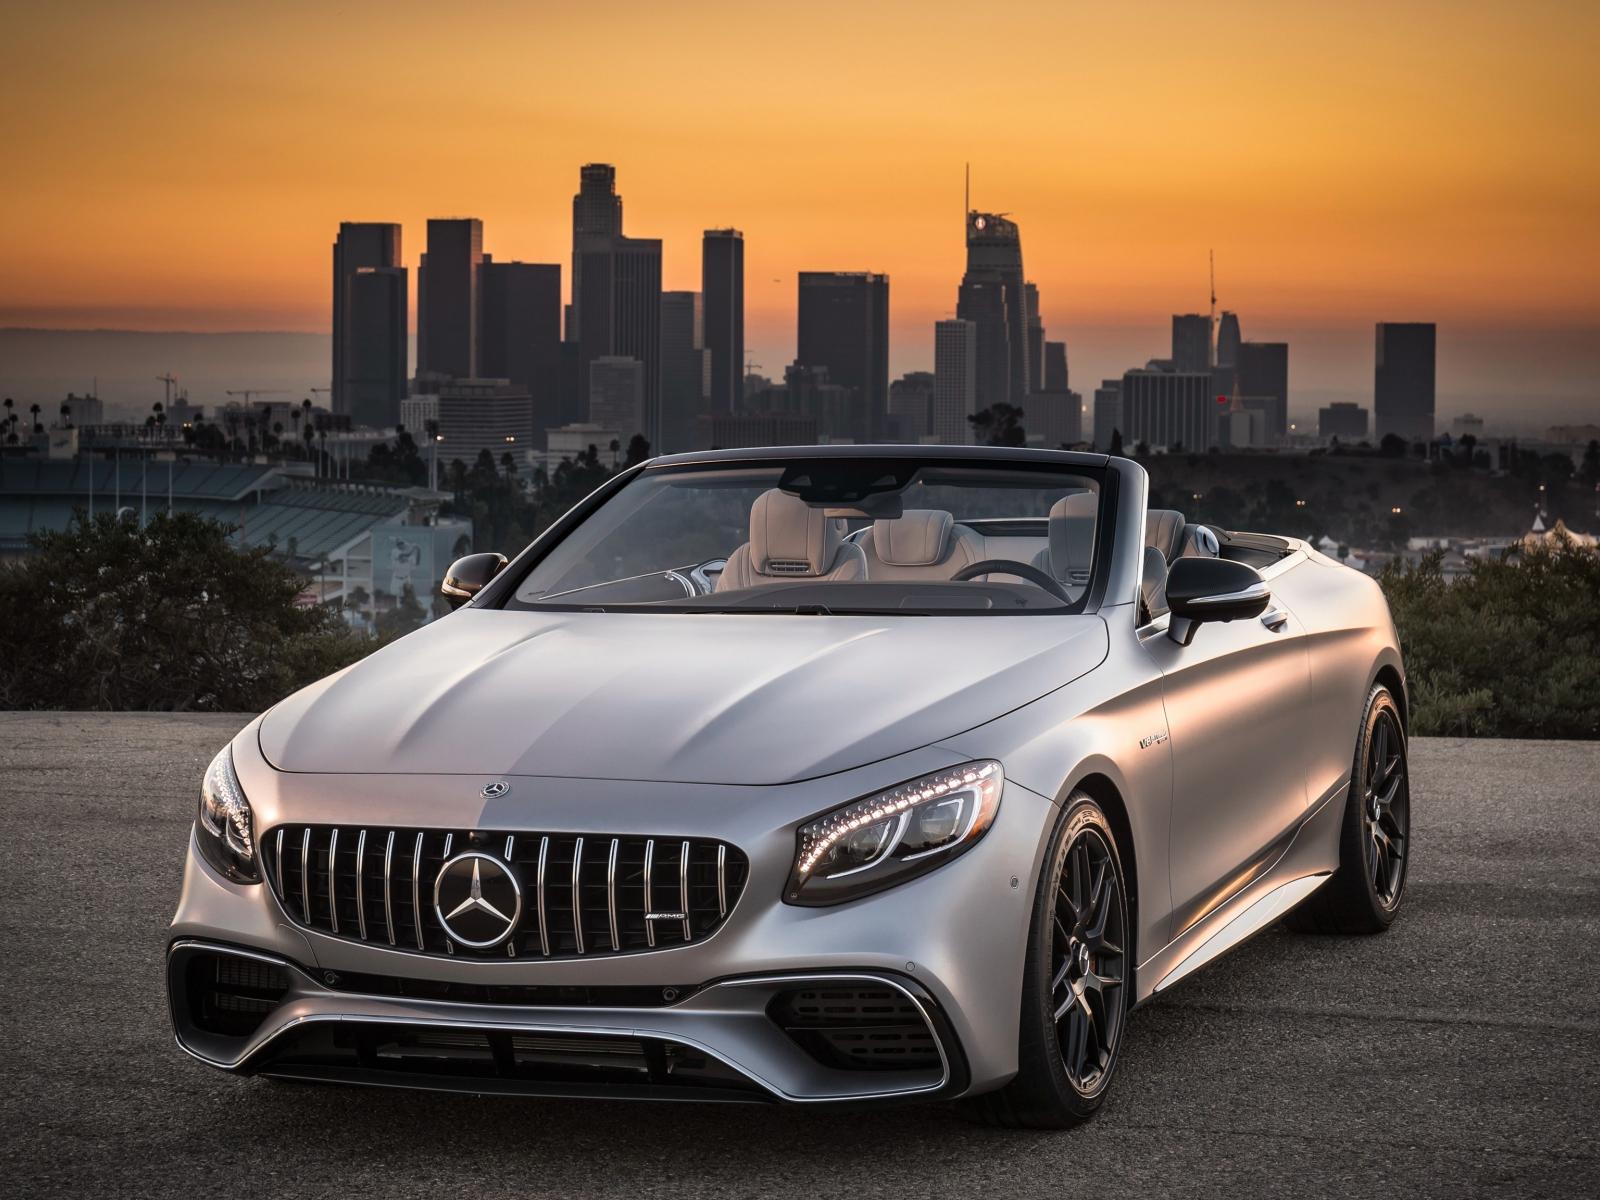 Mercedes-AMG S63 4MATIC Cabriolet, sports car, 1600x1200 wallpaper